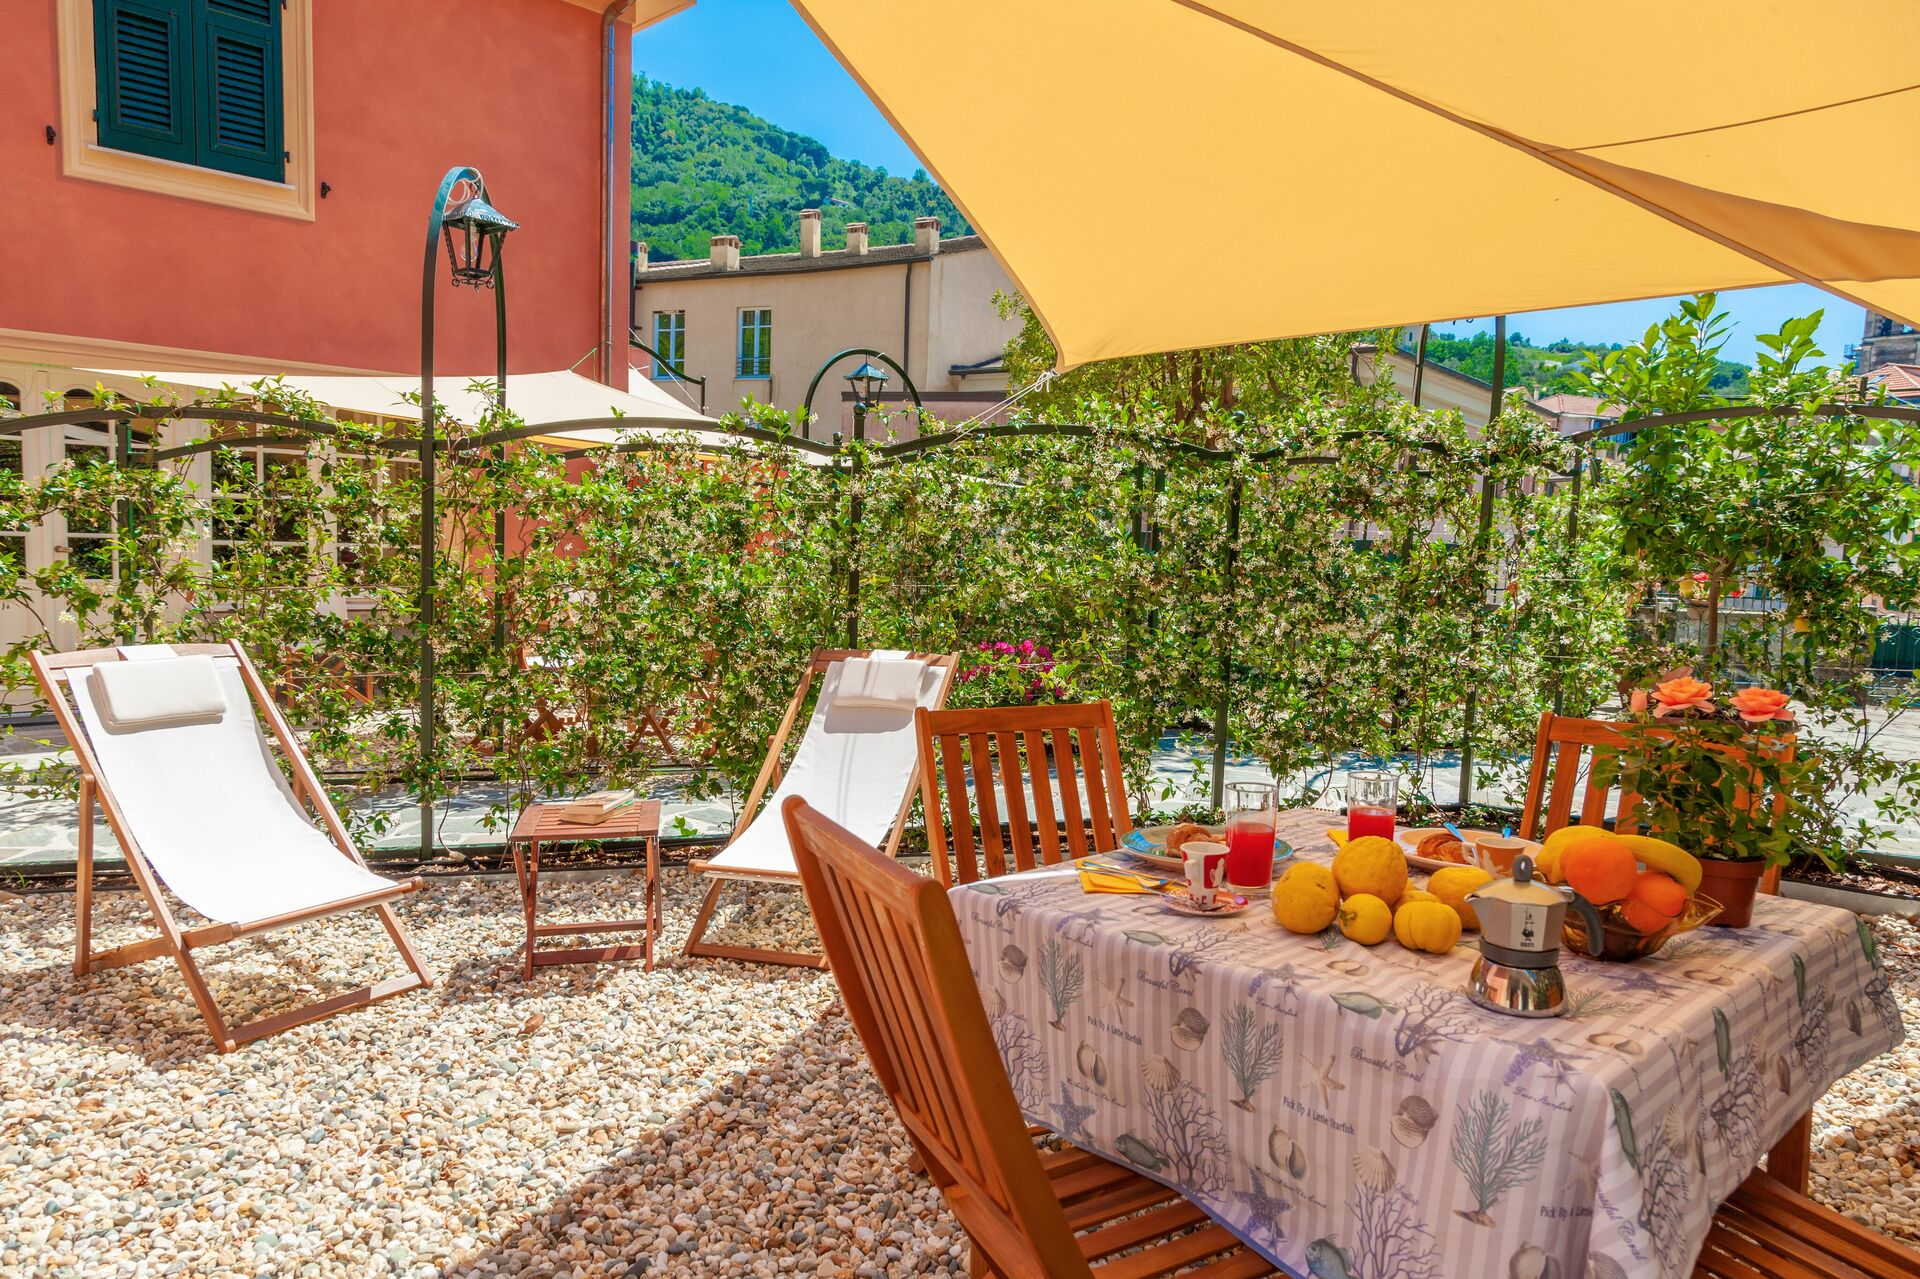 Portovecchio Apartments Levanto Villa That Sleeps 20 People In 6 Bedrooms Located In Levanto Liguria Italy